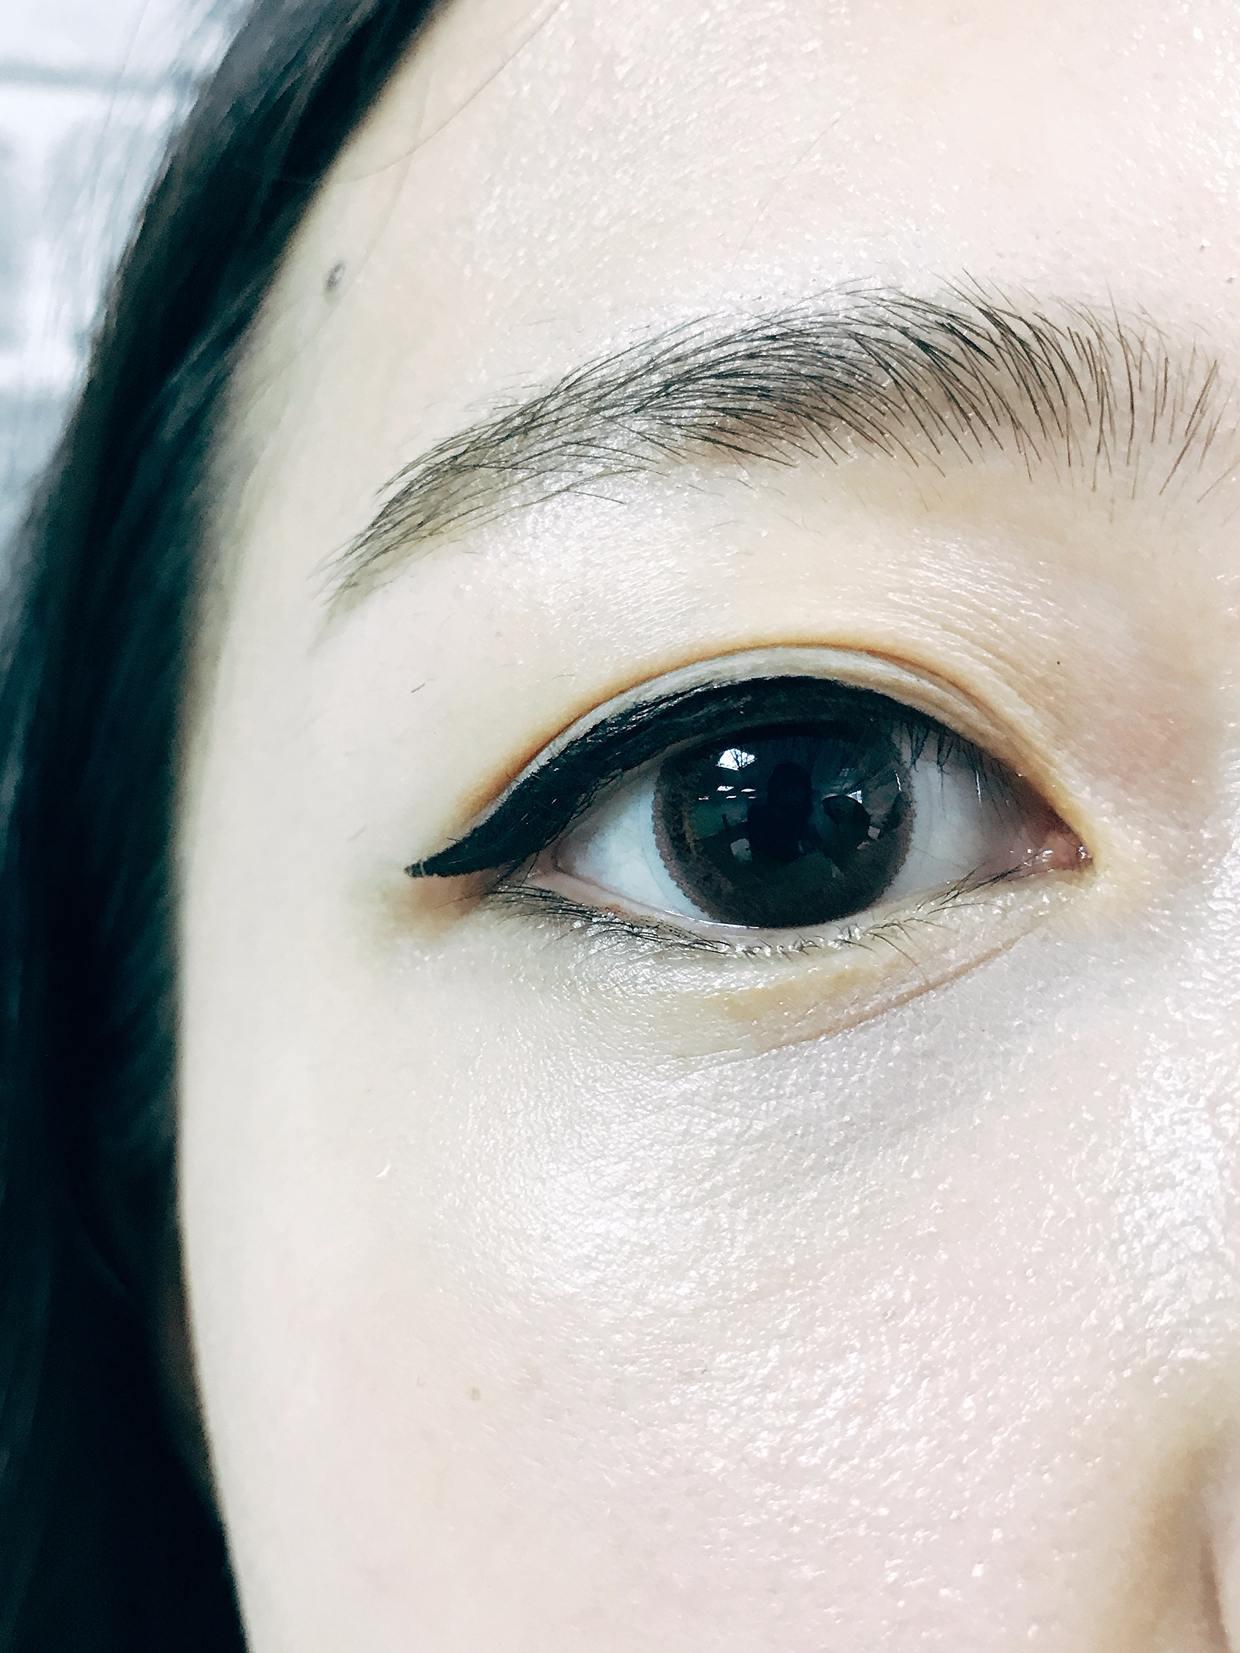 接著往前畫出三角形填滿,補上內眼線及下眼線就OK囉! 超簡單卻能完全展現出另一種風格路線,而且這種眼妝很適合單眼皮的女孩們話,可以瞬間讓眼睛變大變深邃!